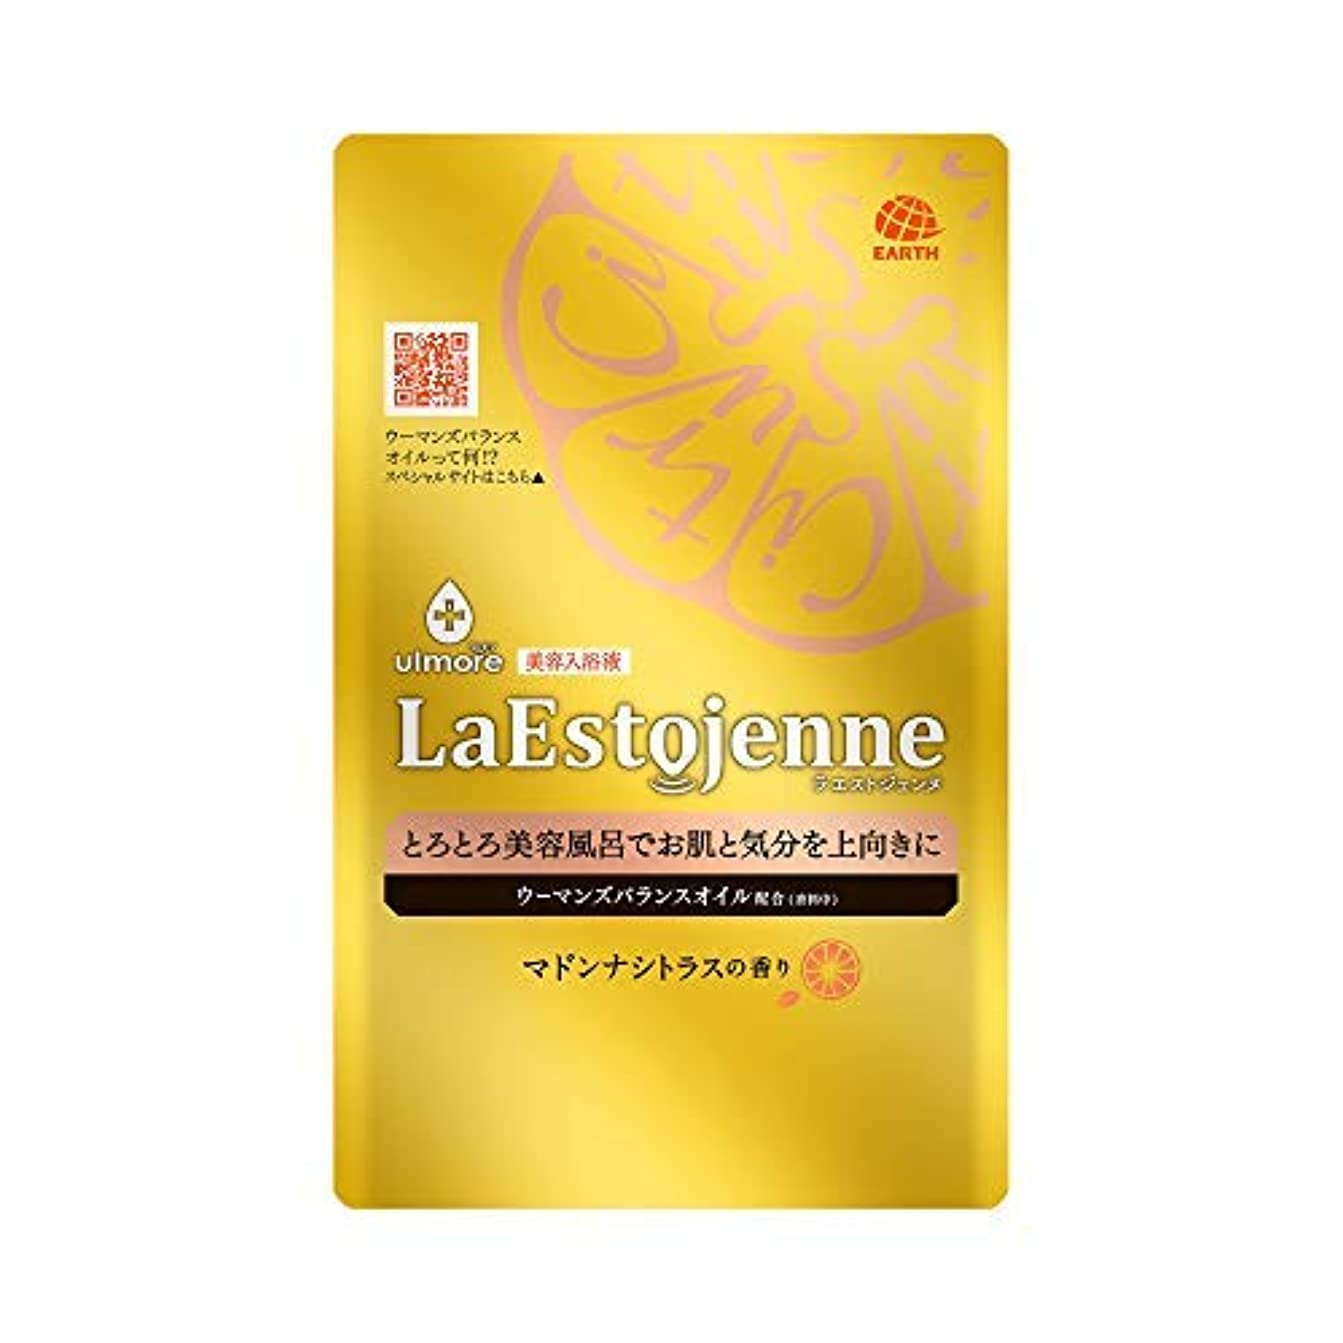 放射する些細な輪郭ウルモア ラエストジェンヌ マドンナシトラスの香り 1包 × 10個セット